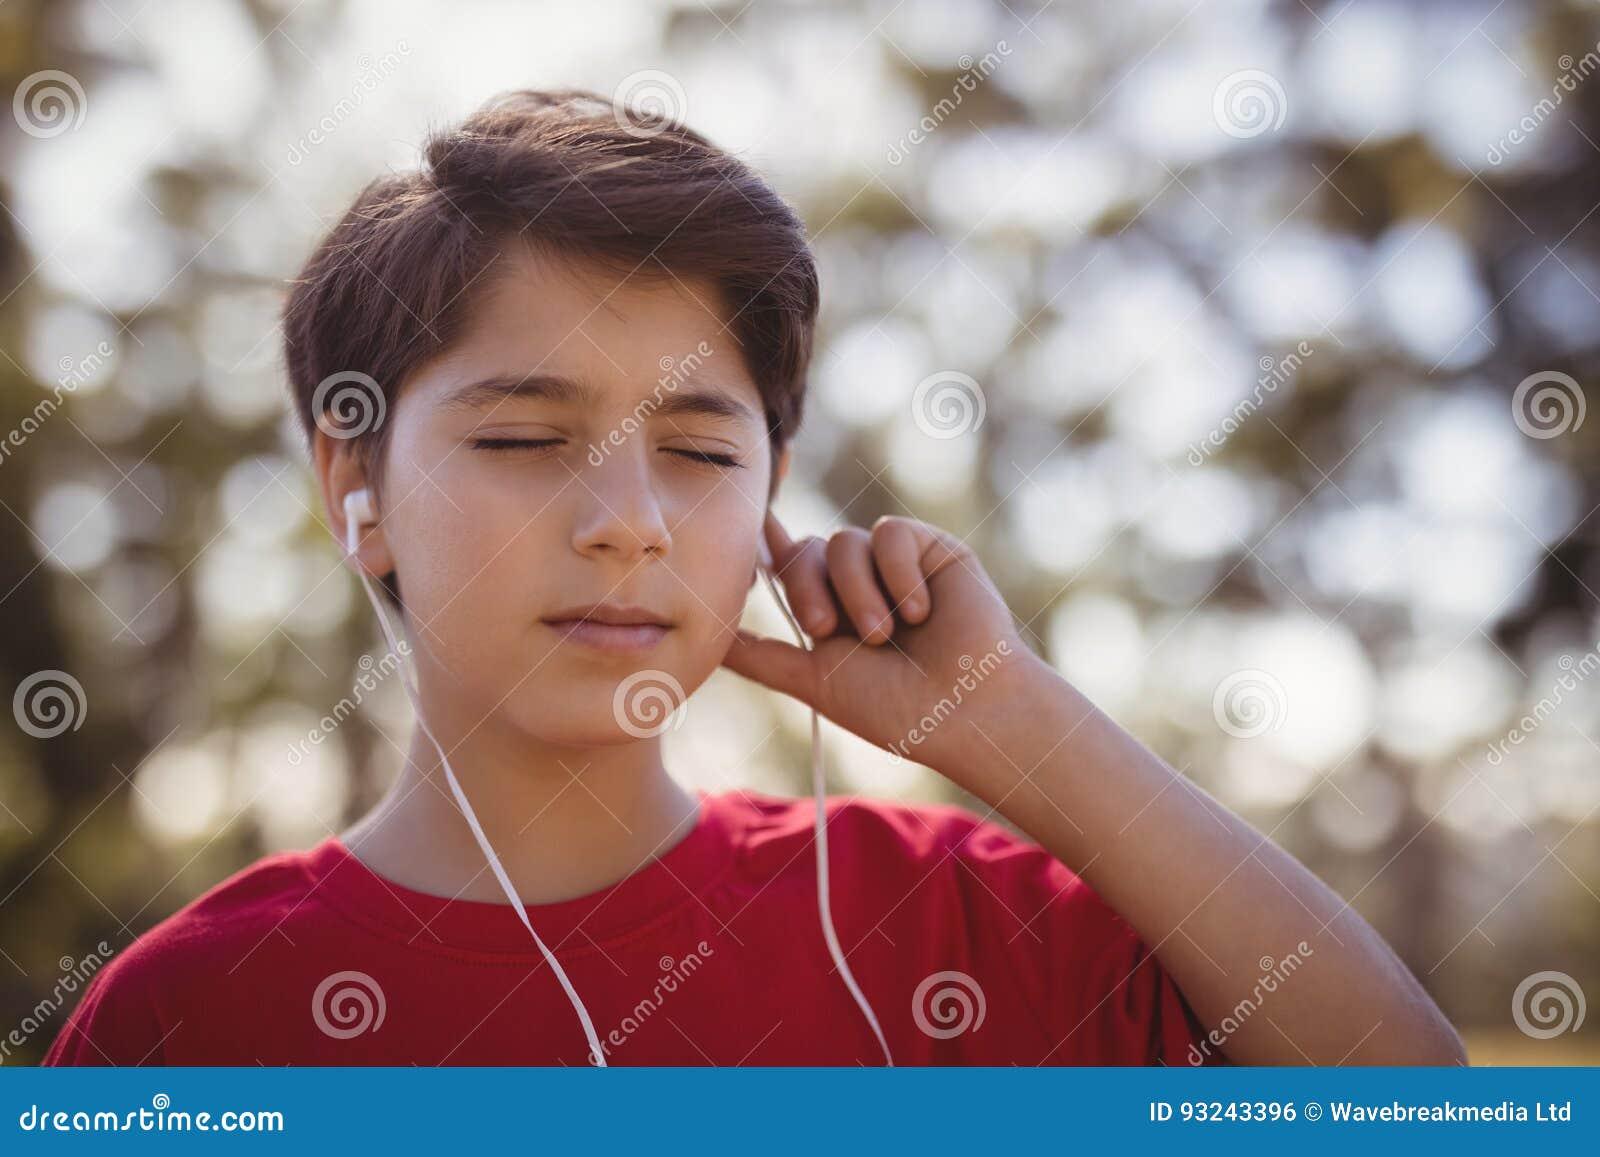 Plan rapproché de la musique de écoute de garçon sur des écouteurs pendant le parcours du combattant